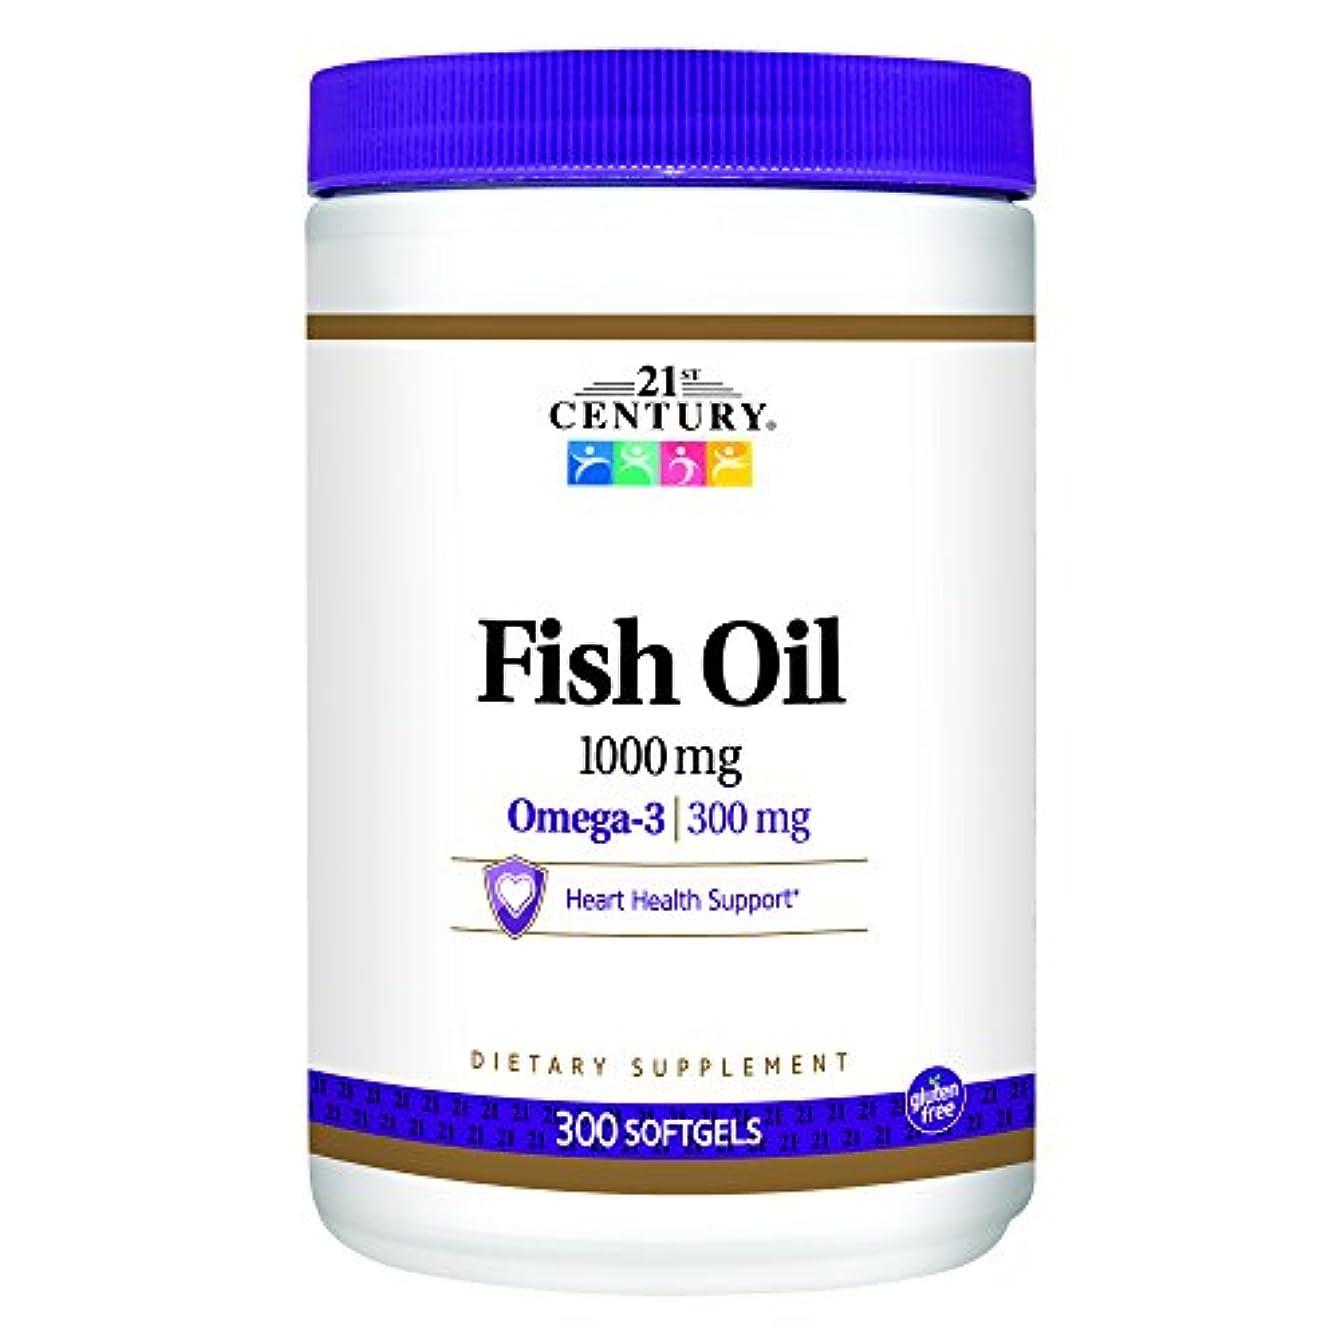 ある希少性本当に21st Century Health Care, Fish Oil, Omega-3, 1000 mg, 300 Softgels